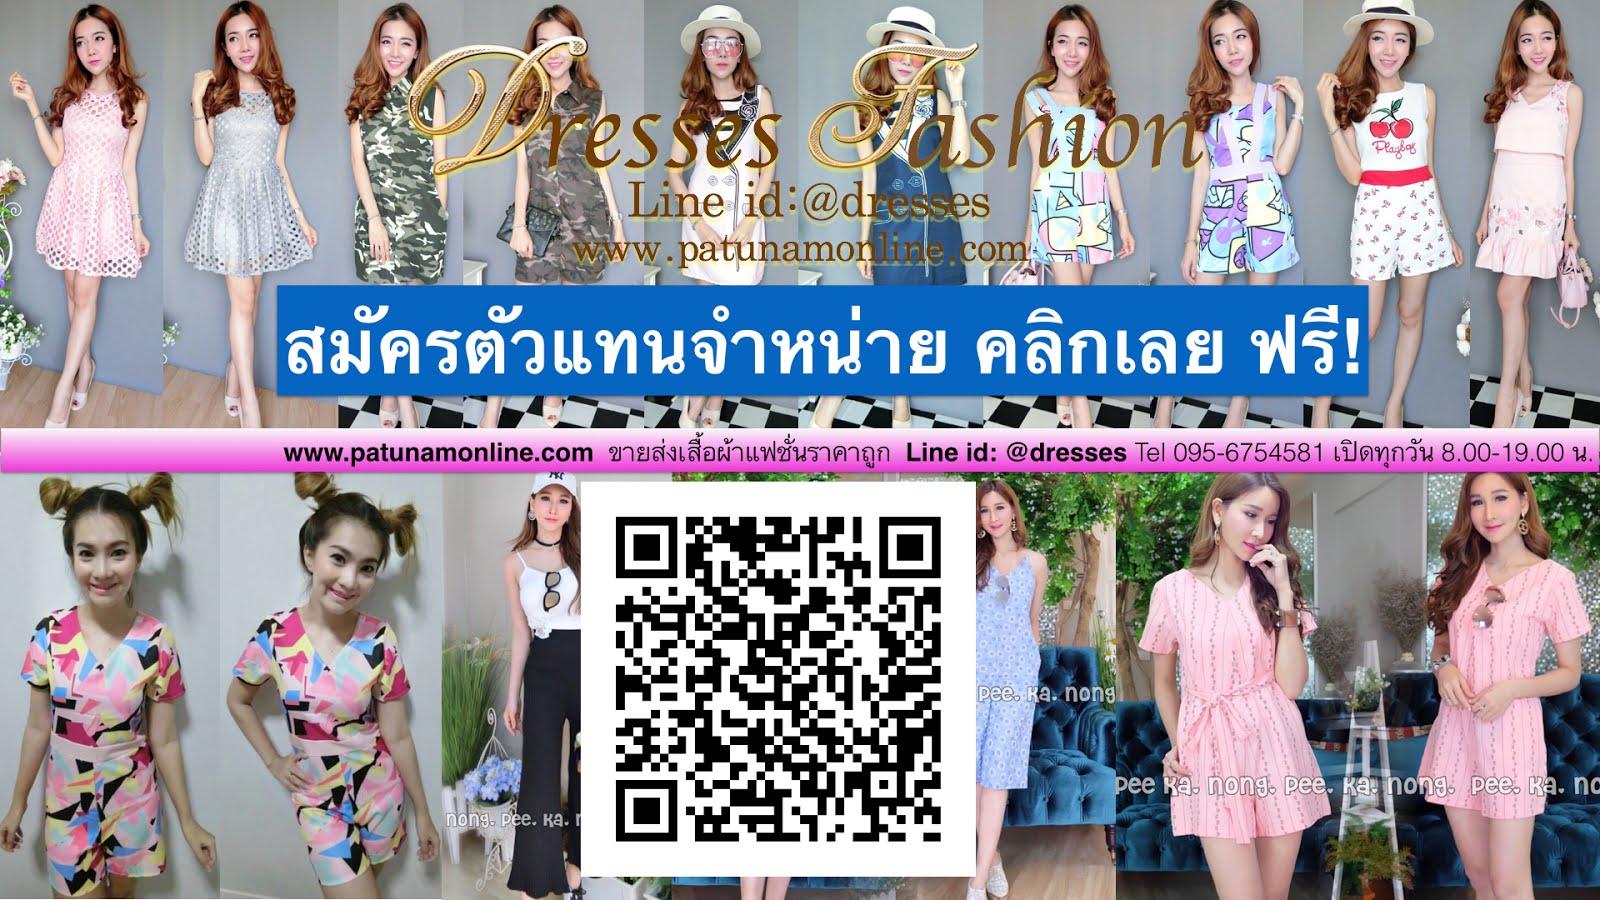 สมัครตัวแทนจำหน่าย Dresses Fashion สมัครฟรี! คลิกเลย